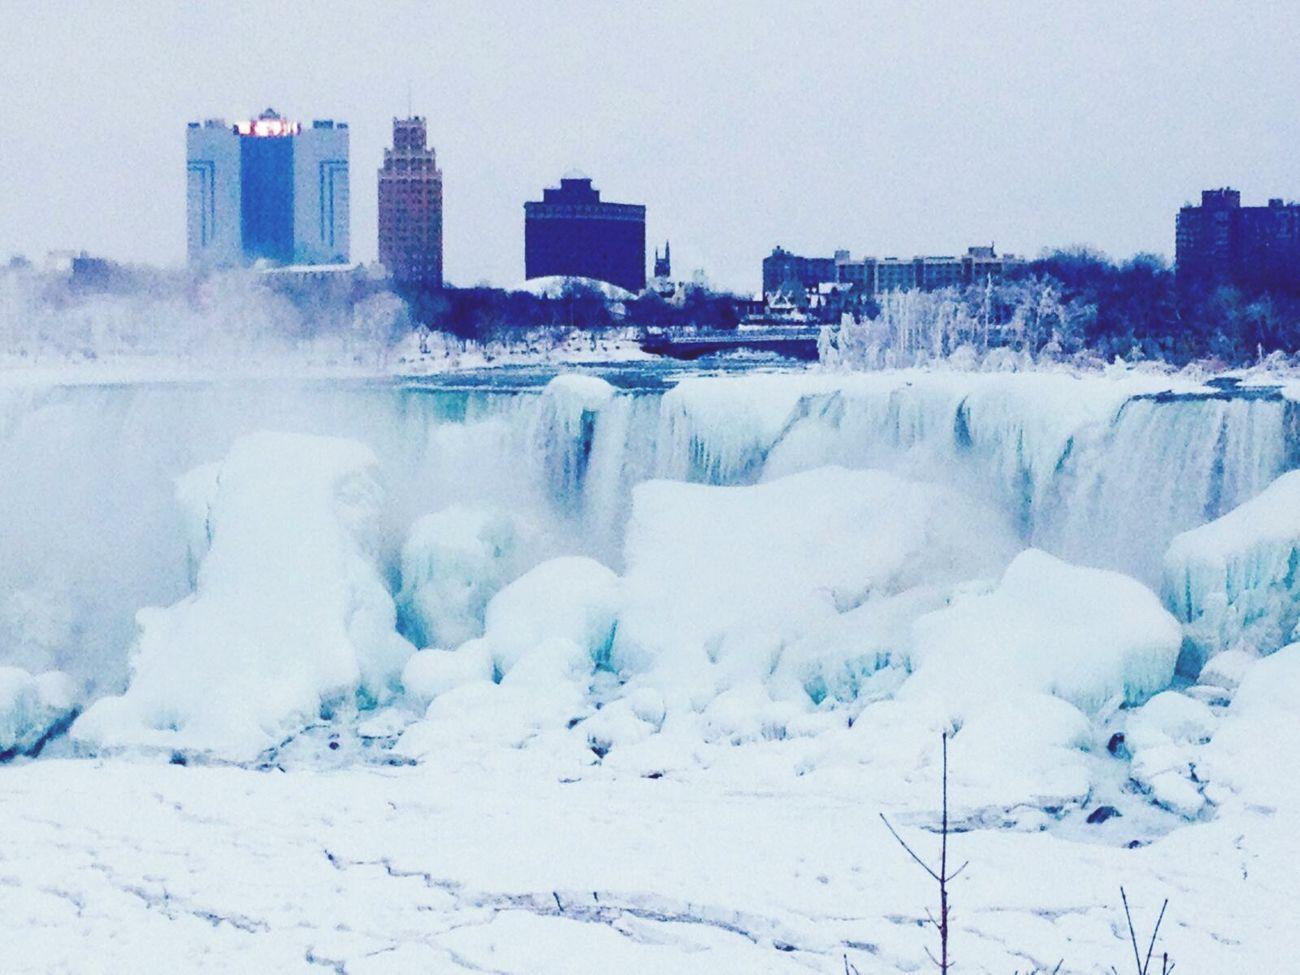 Niagara Falls Cold Winter ❄⛄ Winter Wonderland Frozen Worldwonder